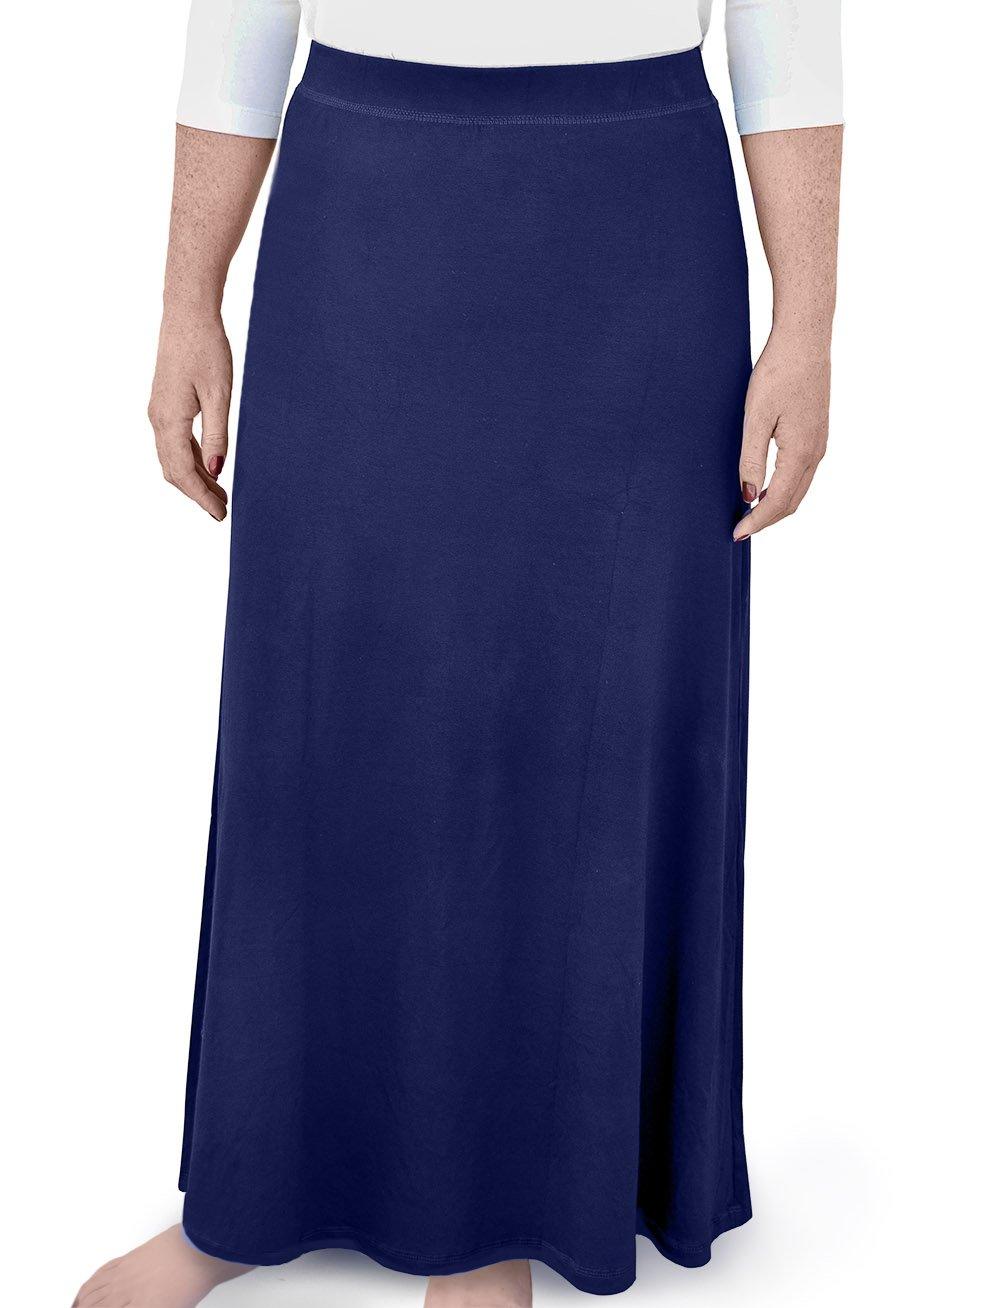 Kosher Casual Kids Big Girls' Modest A-Line Maxi Skirt Medium Navy